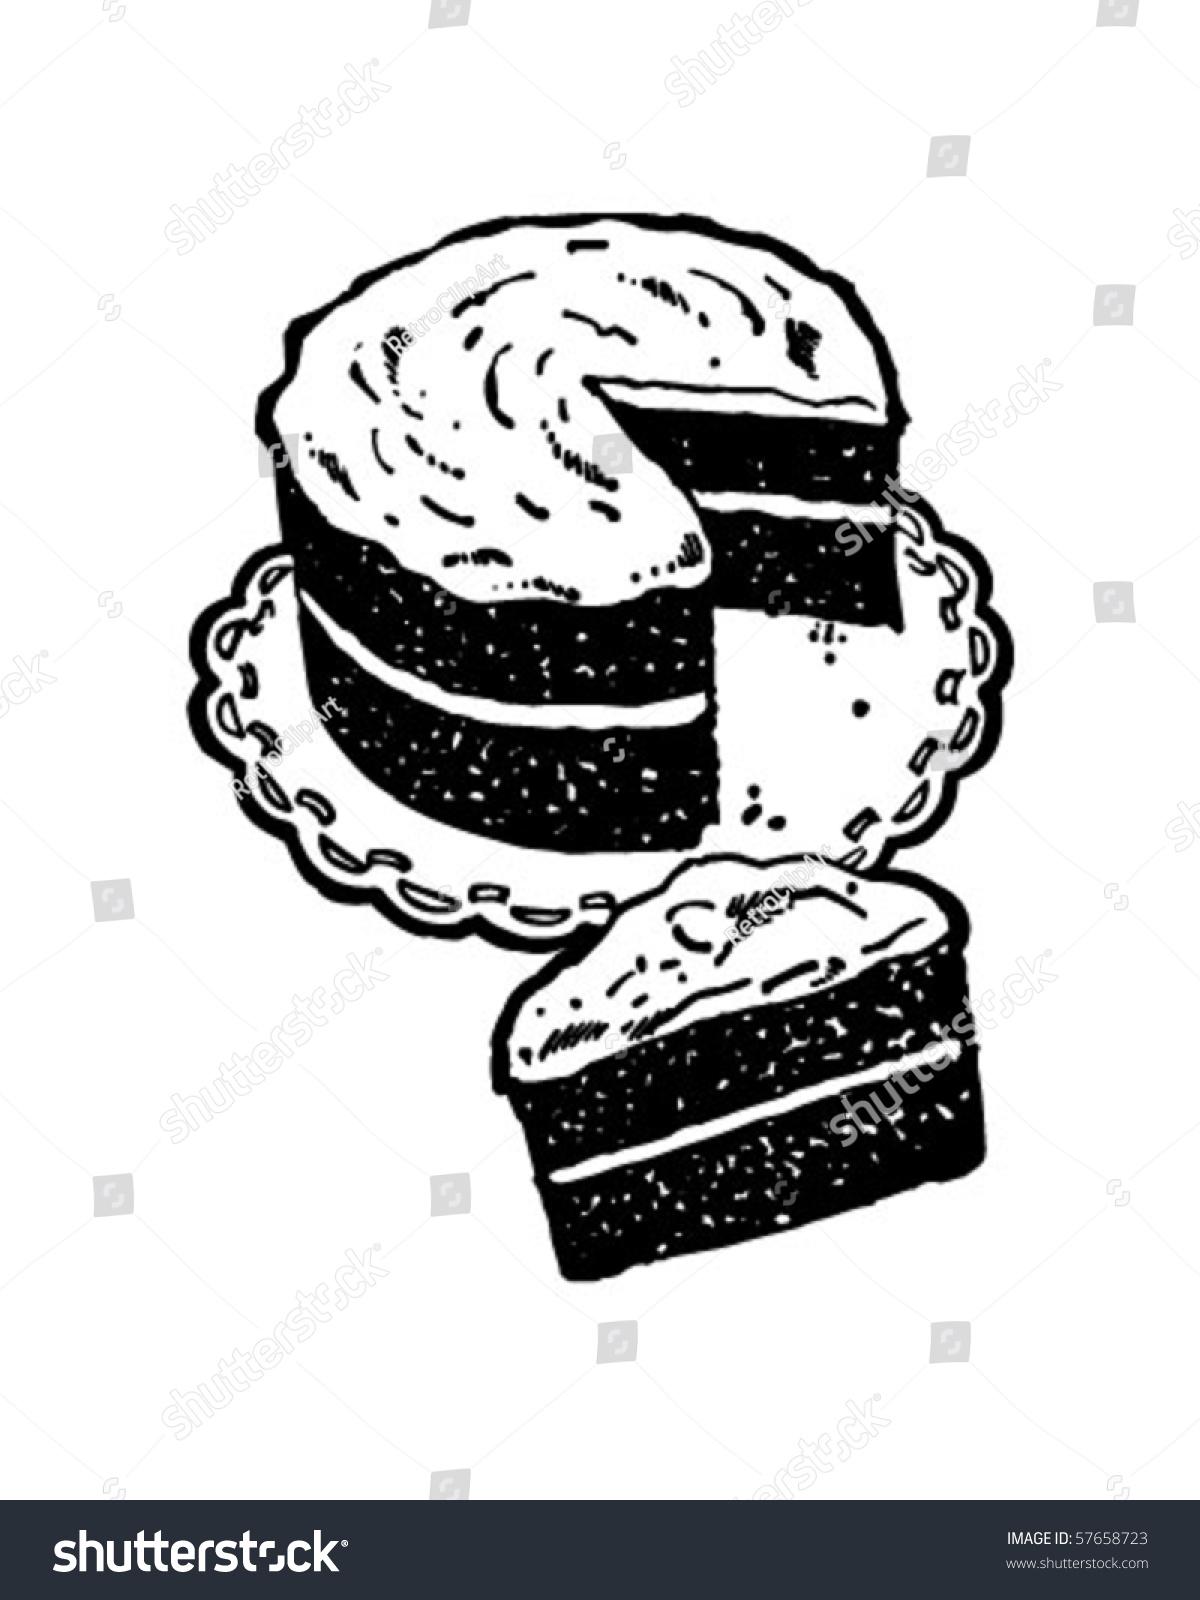 层蛋糕-复古剪贴画艺术-复古风格